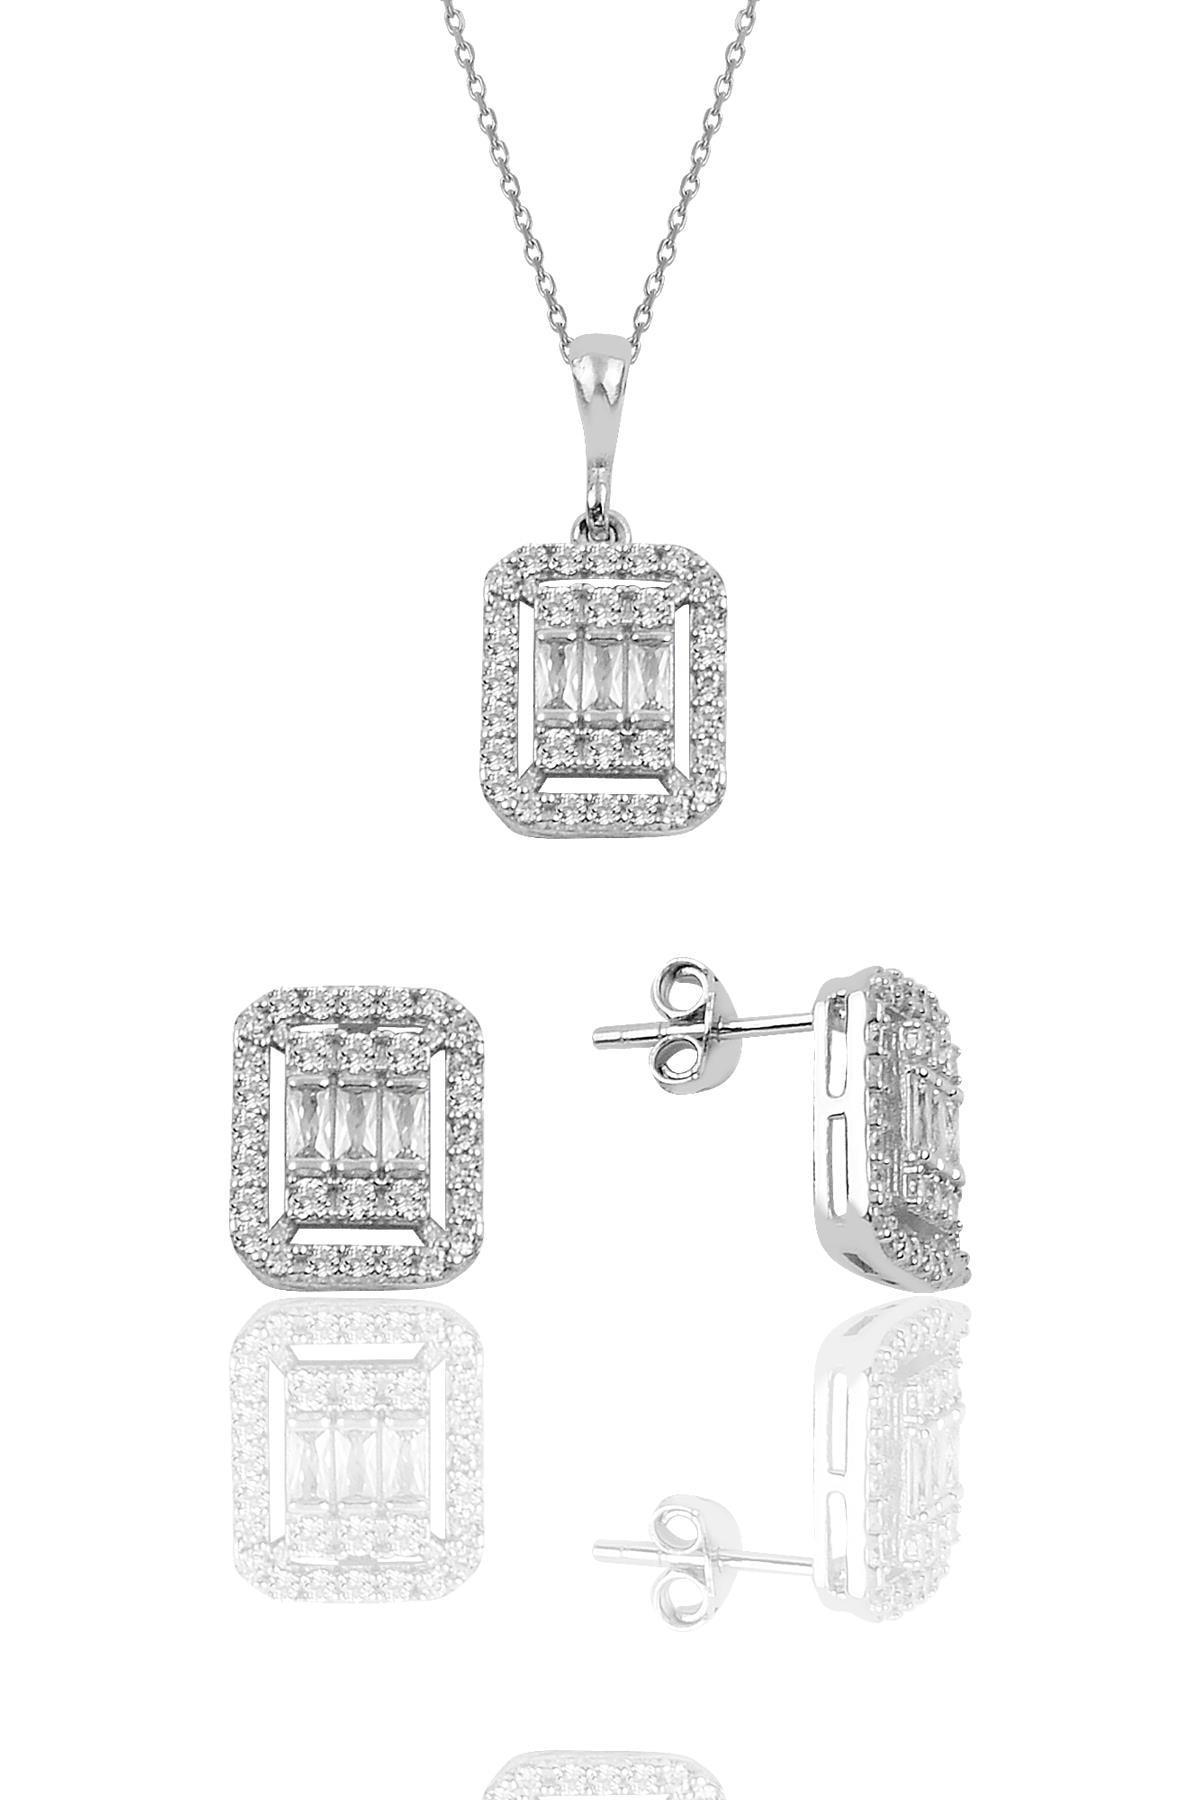 Söğütlü Silver Gümüş Rodyumlu Baget Taşlı İkili Set 0